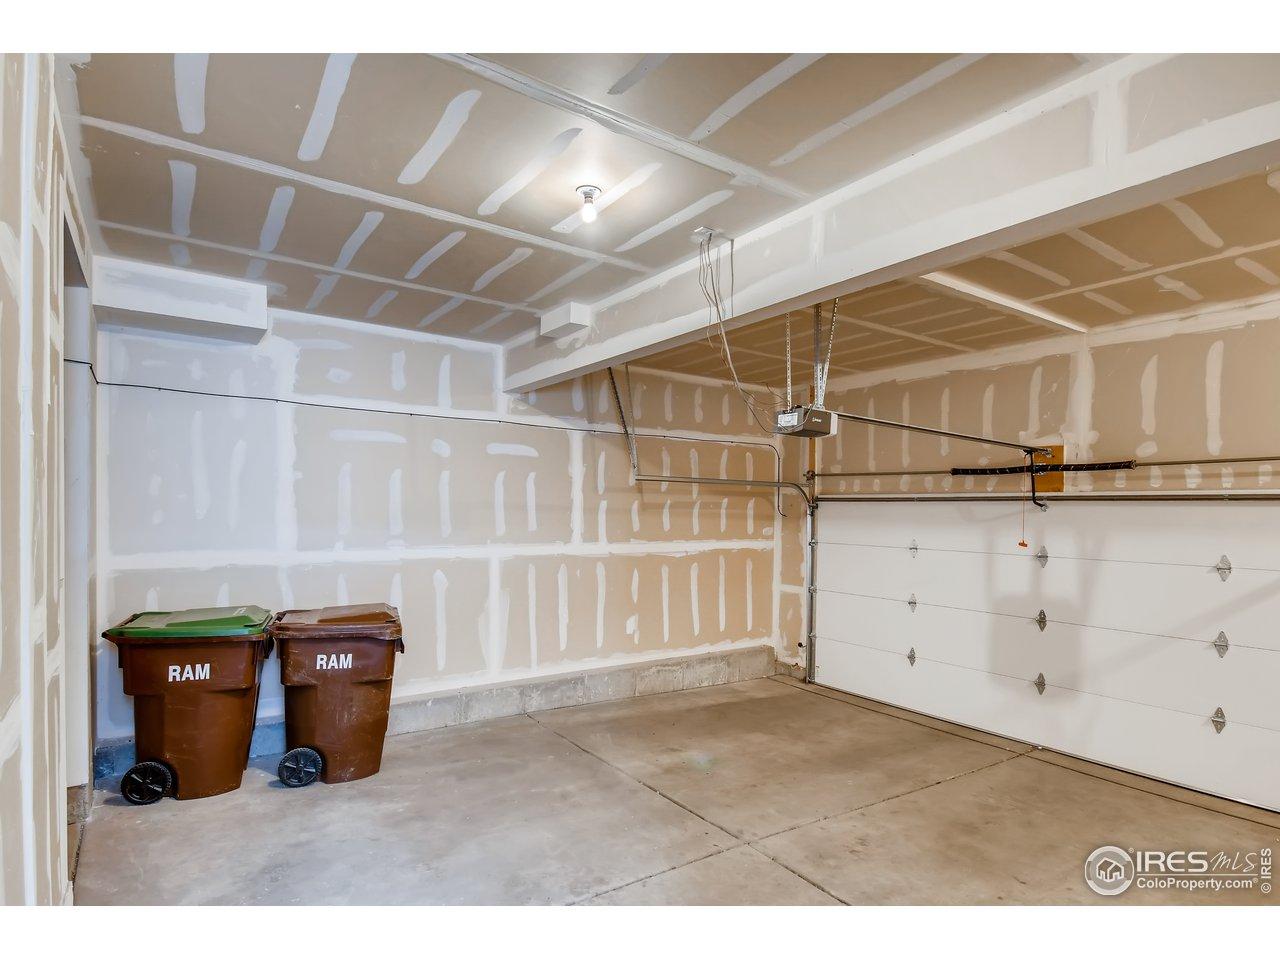 2-car attached garage